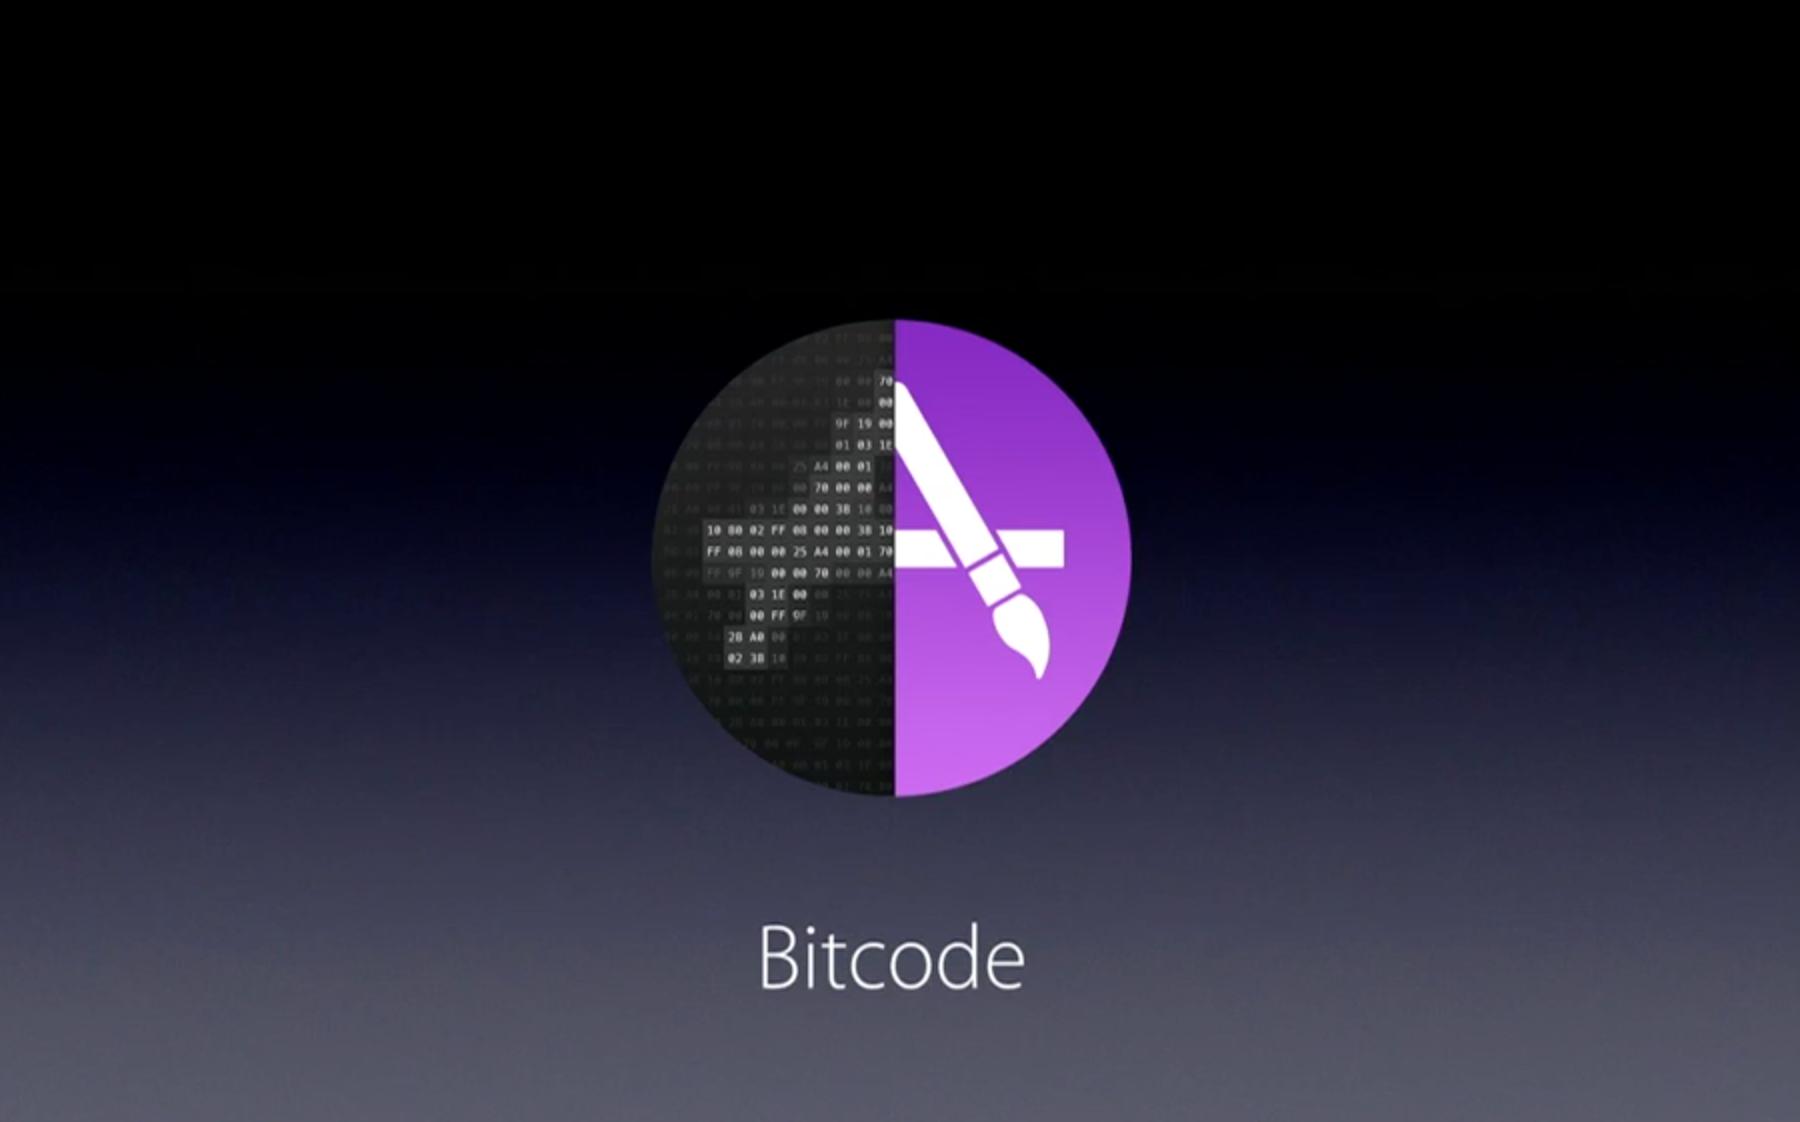 WWDC 2015 최대의 뉴스, 비트코드와 애플의 CPU 정책